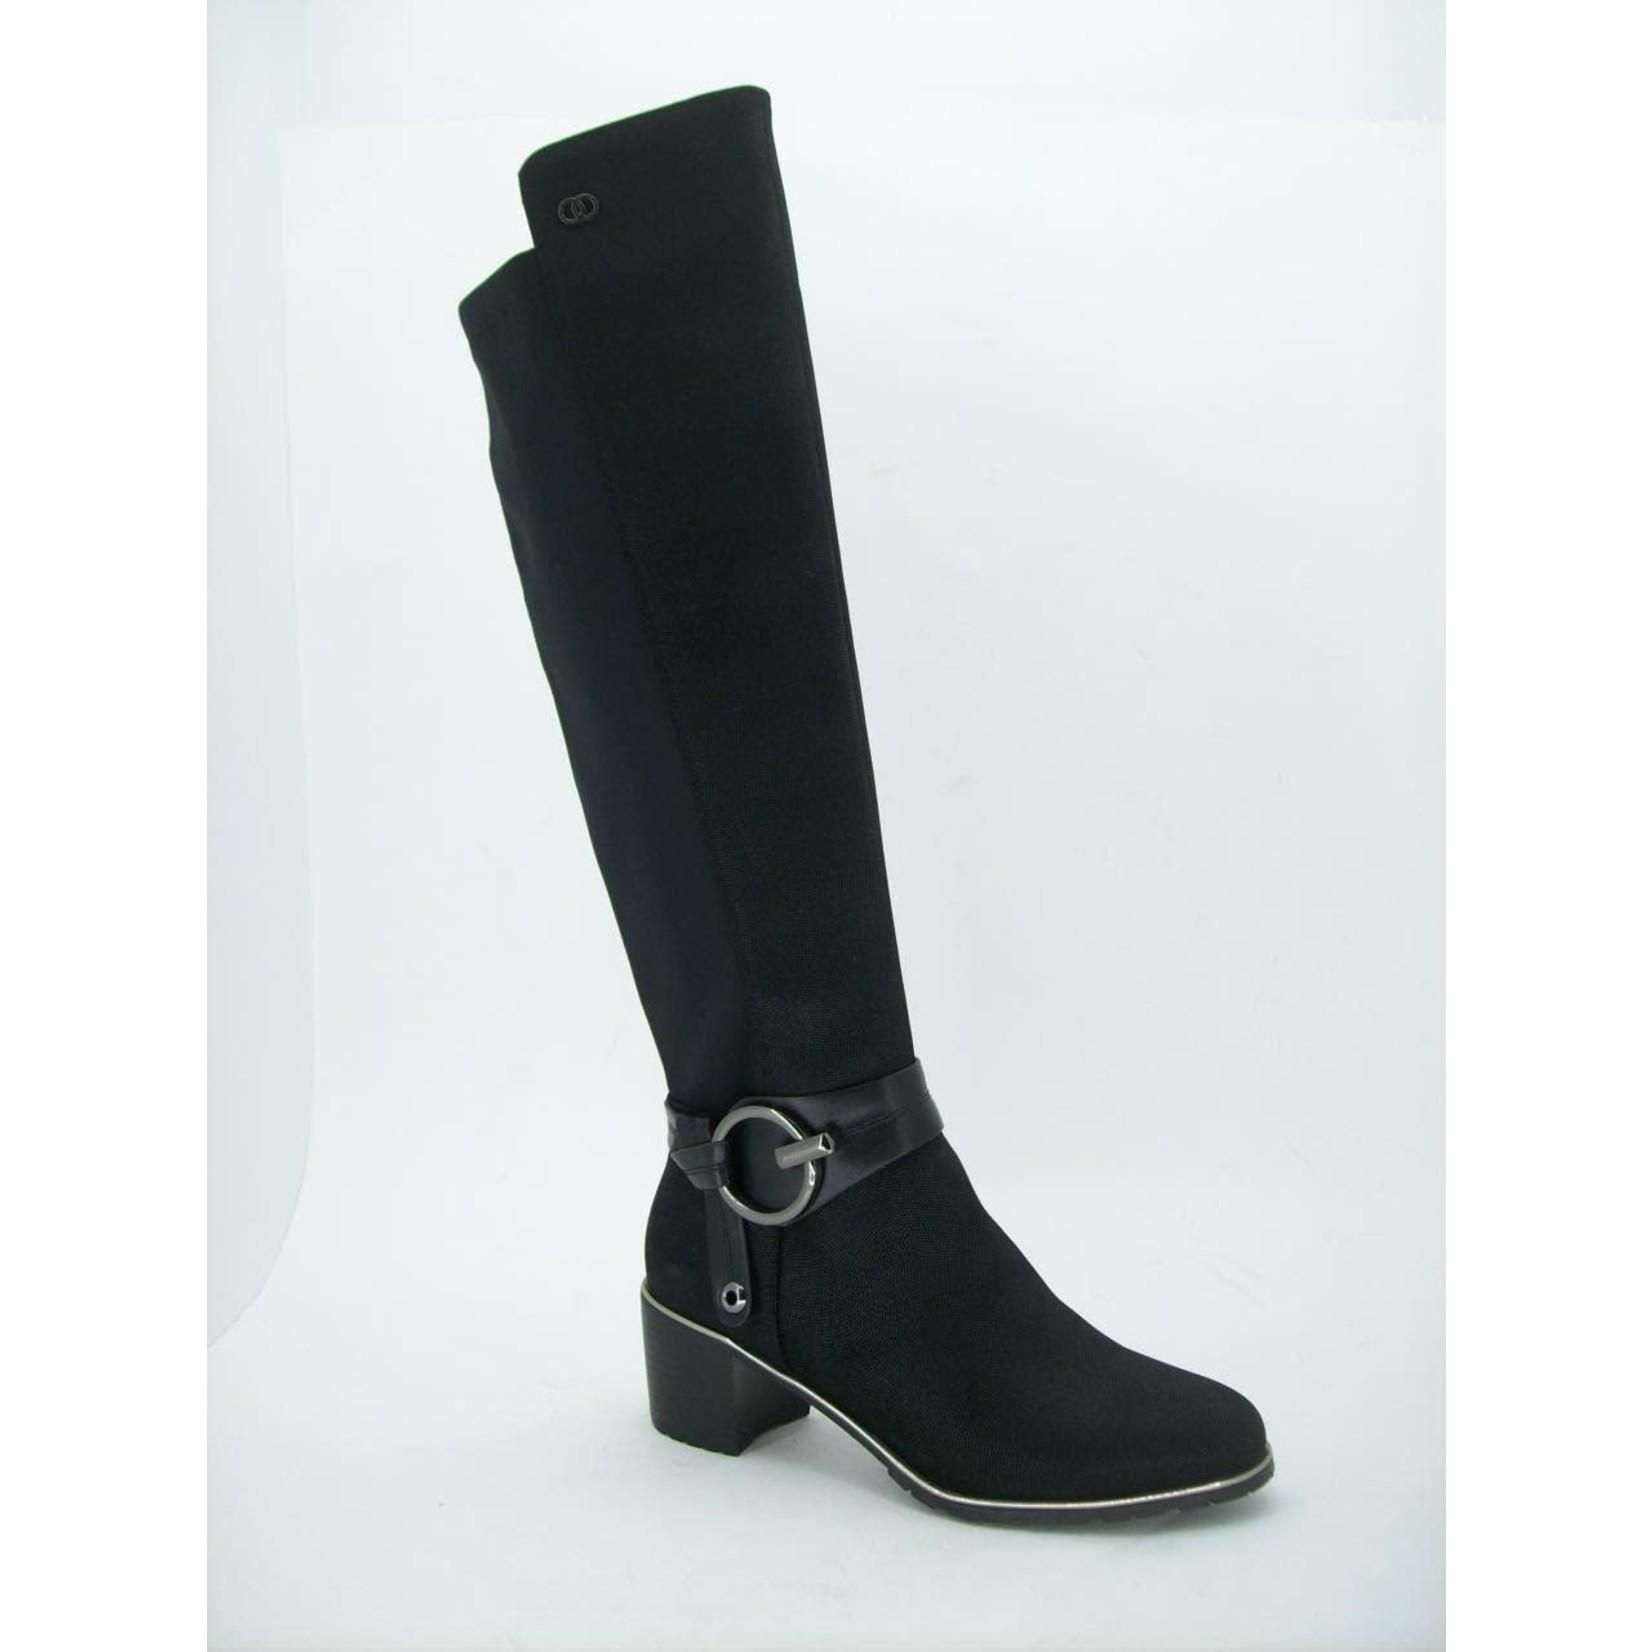 Aquaflex Marigold Boot Black